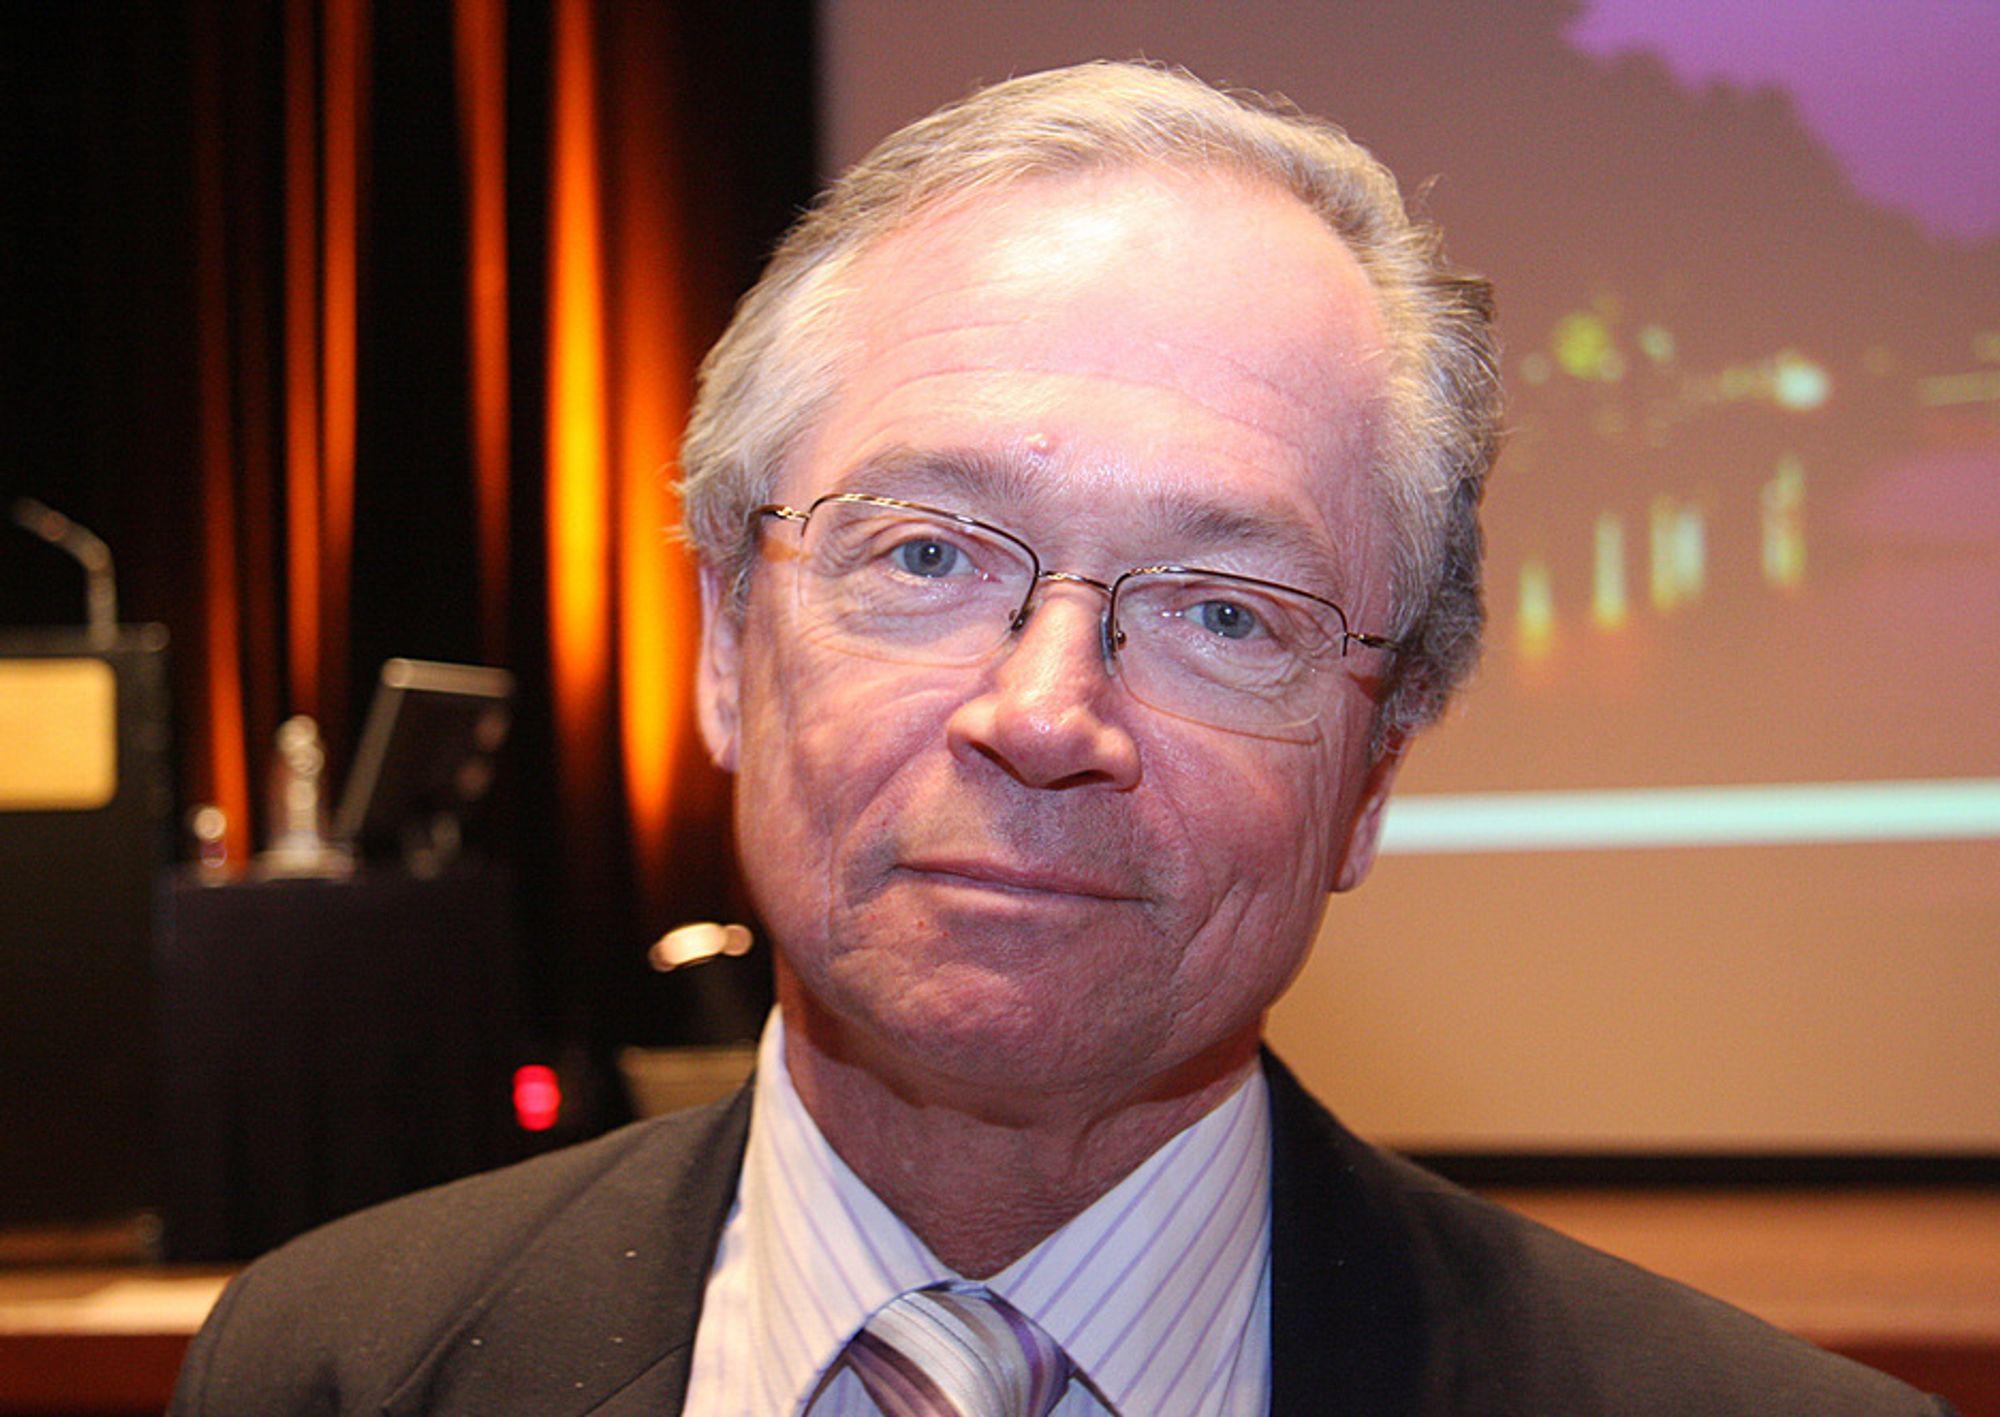 Vattenfall-sjef Gunnar Lundberg mener Tyskland gjør feil i å avvikle kjernekraften.